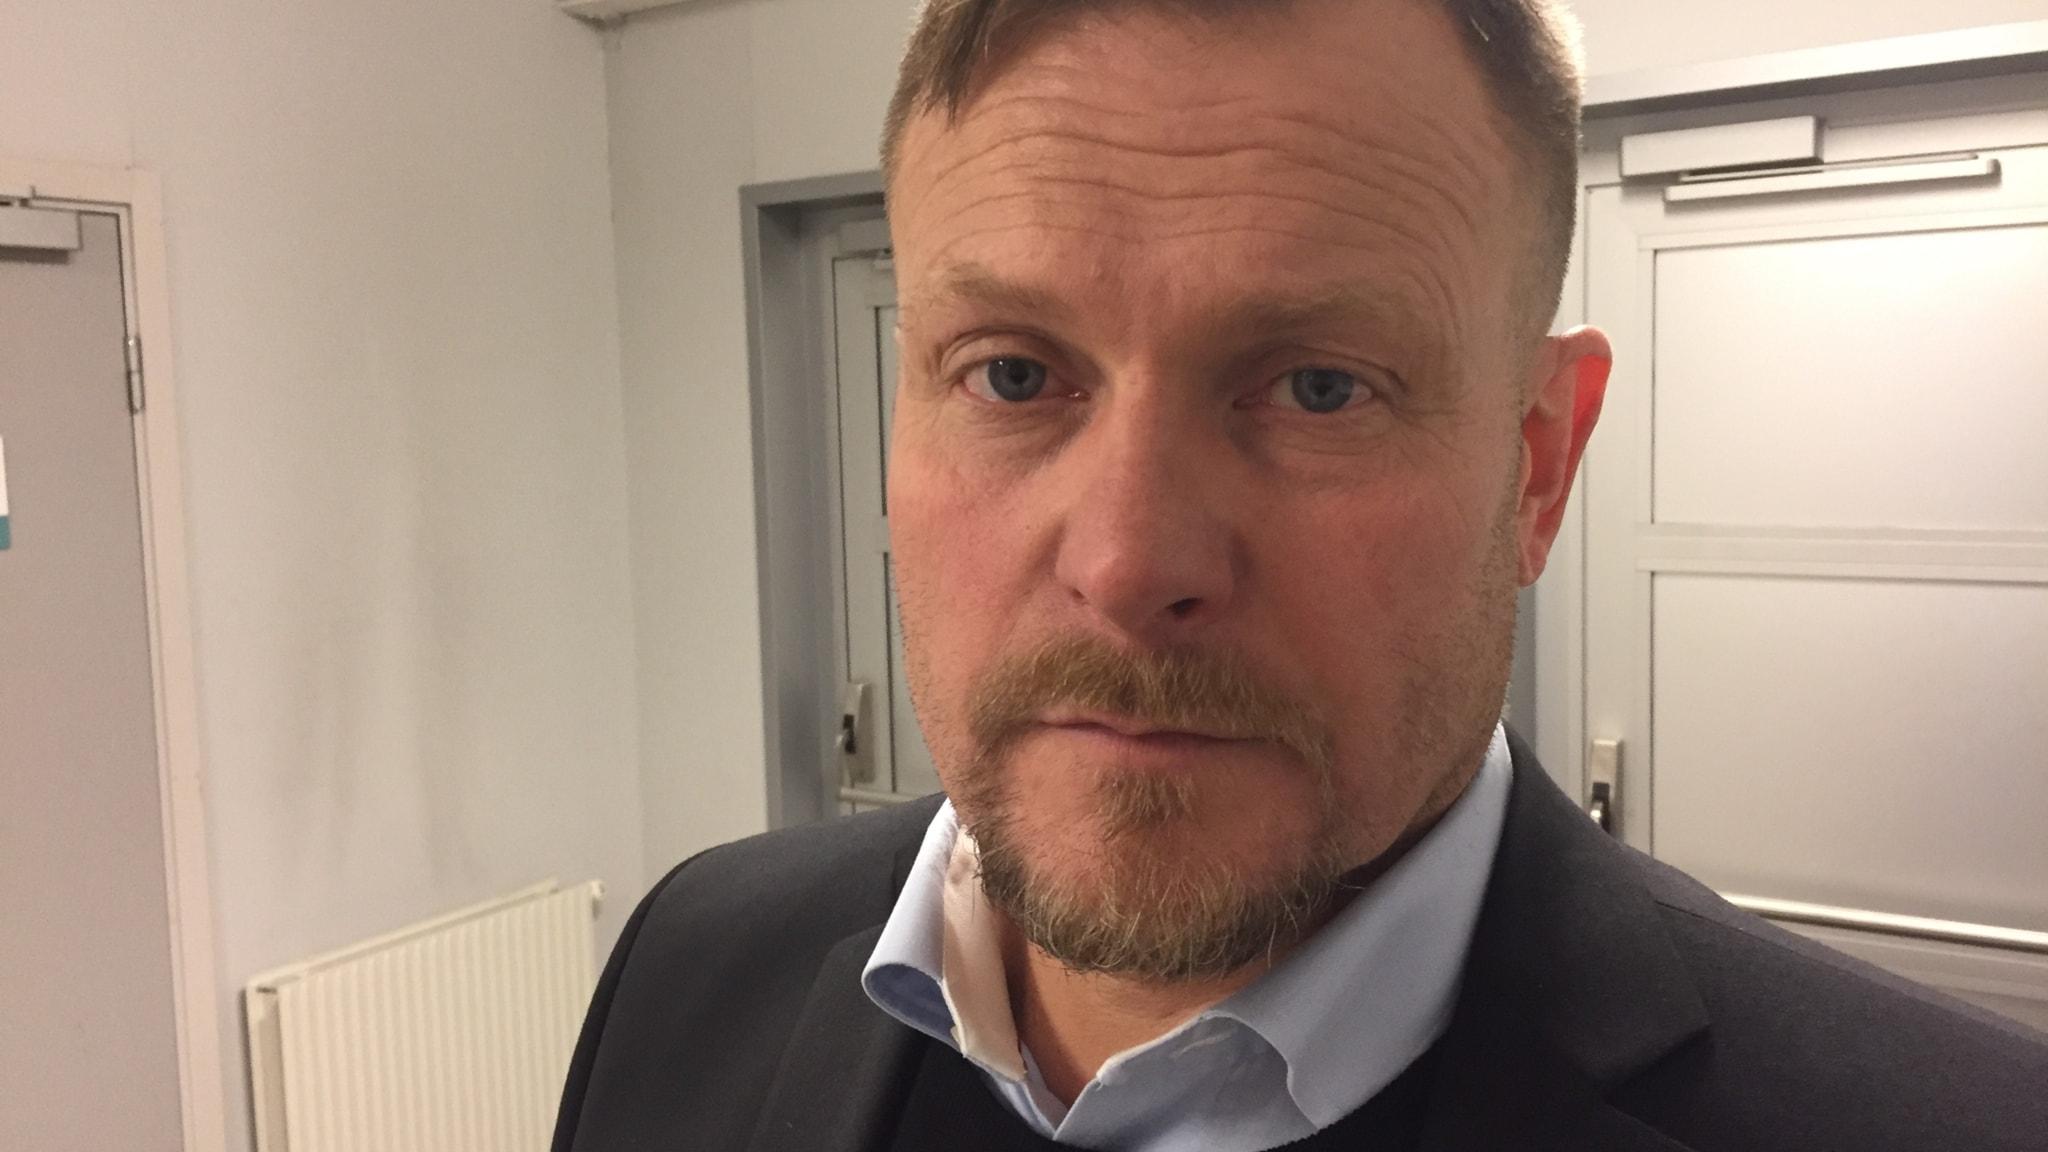 Joakim Fagervall yllättää puhumalla suomea pelaajilleen ja Carljohan Eriksson etsii uutta pelipaikkaa